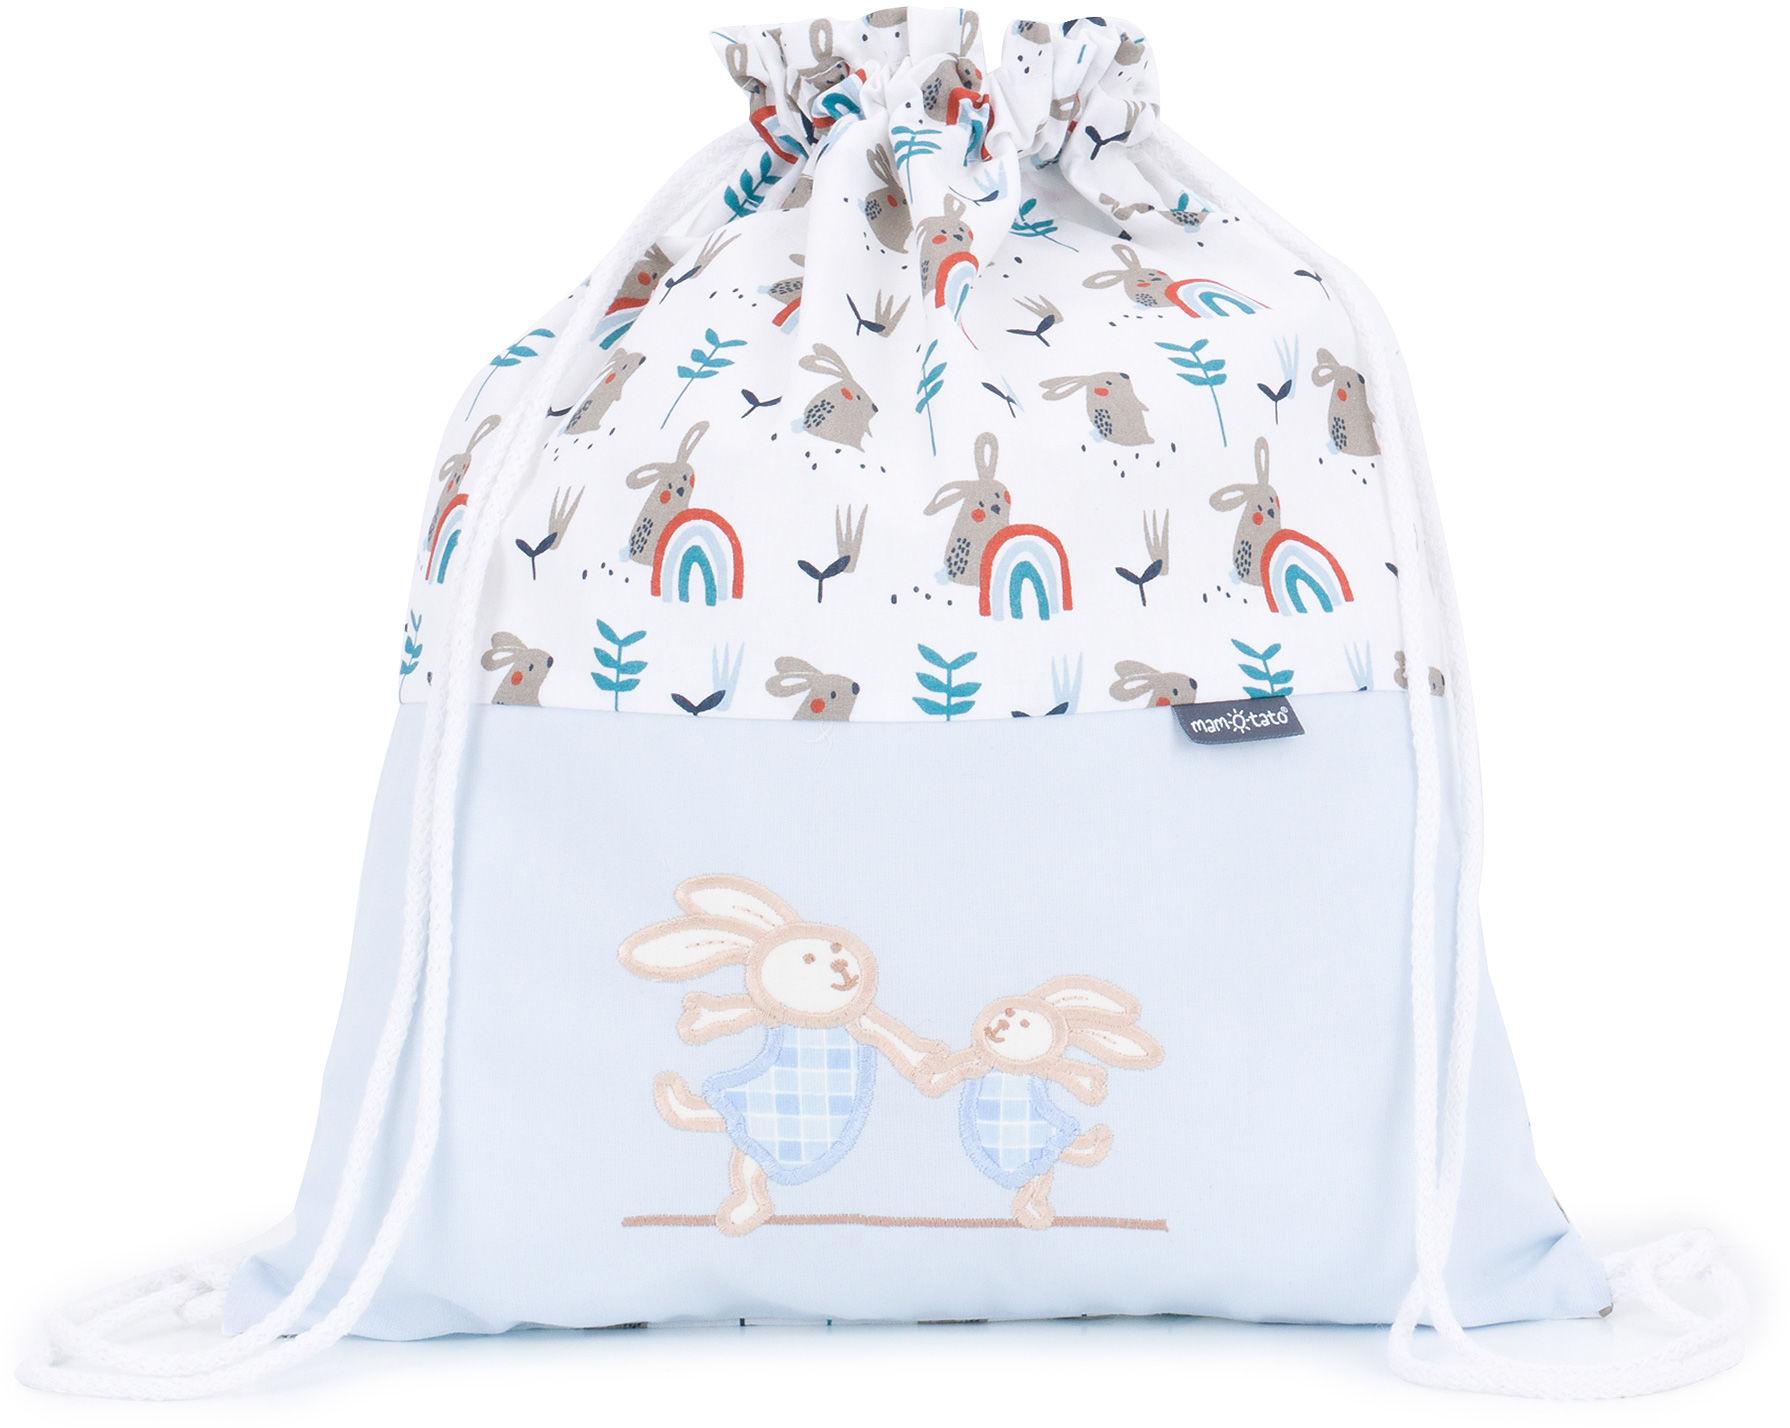 Plecak / worek bawełniany dla dzieci Kic kic / wesołe zajączki w błękicie